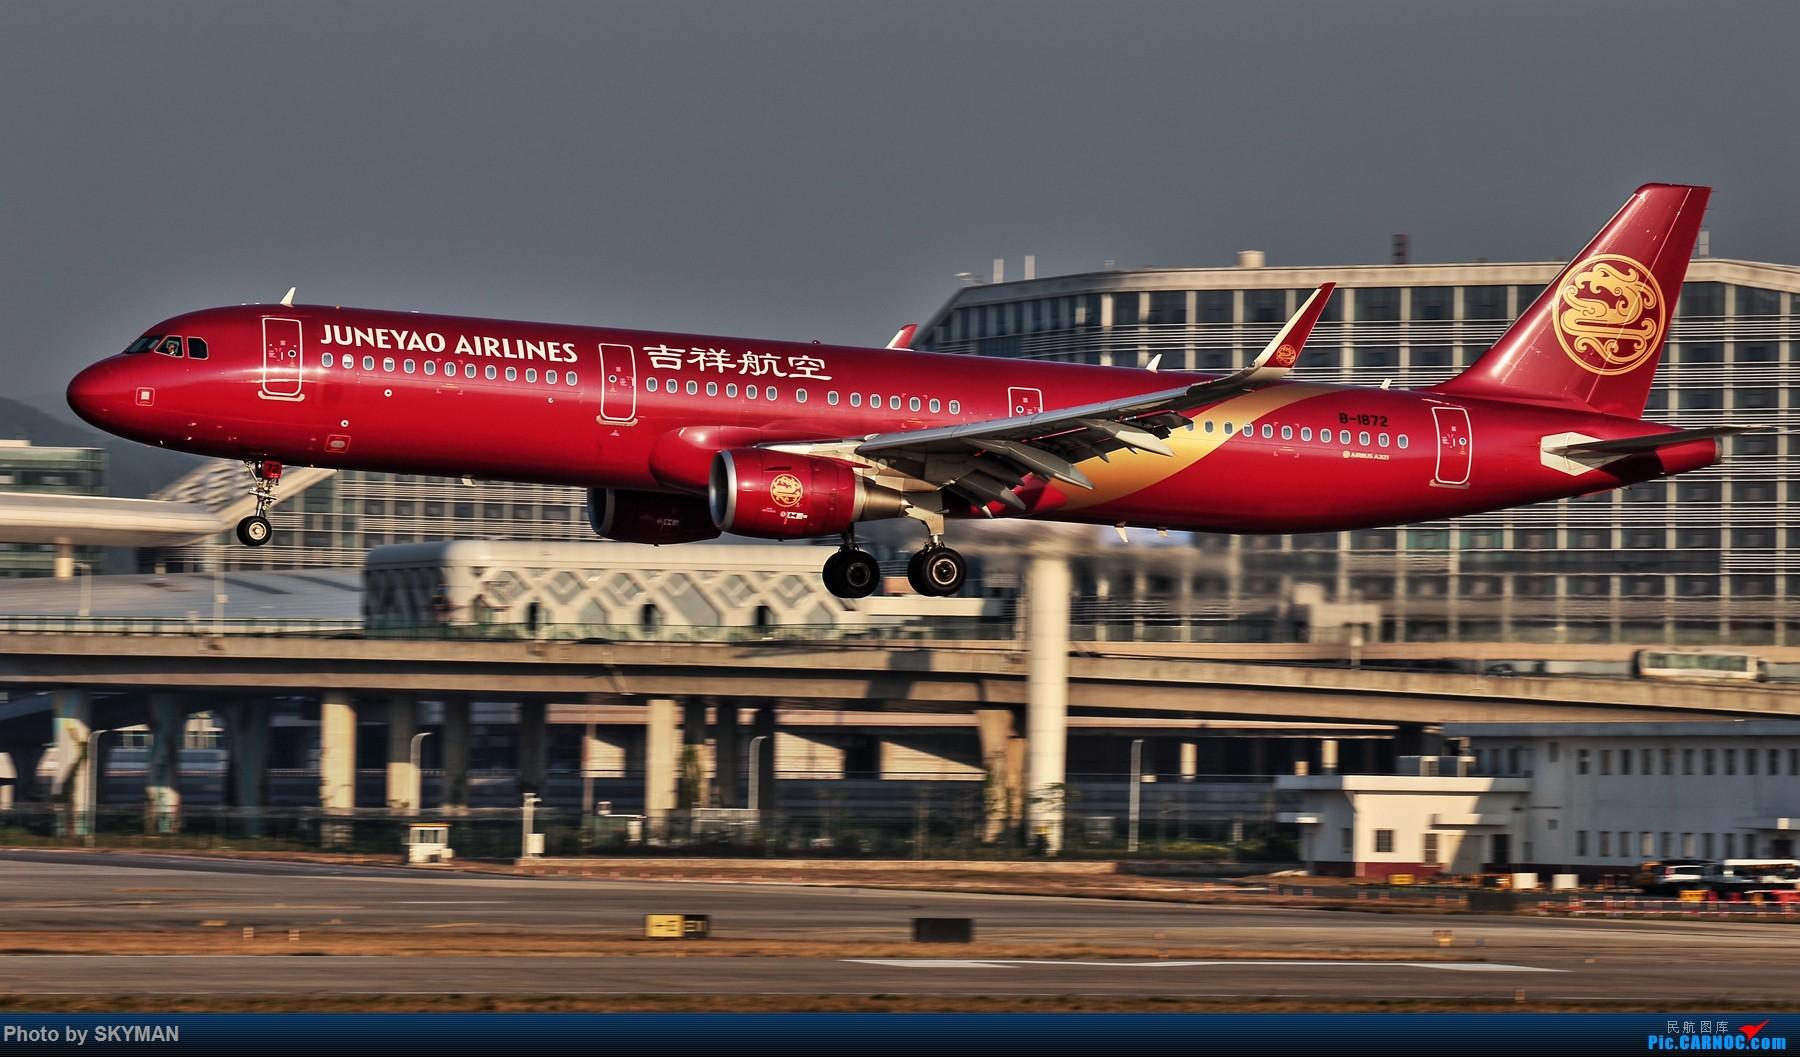 [原创]【BLDDQ--深圳打机队】   深圳 34跑道头 红色 长条状物体 AIRBUS A321-200 B-1872 中国深圳宝安国际机场